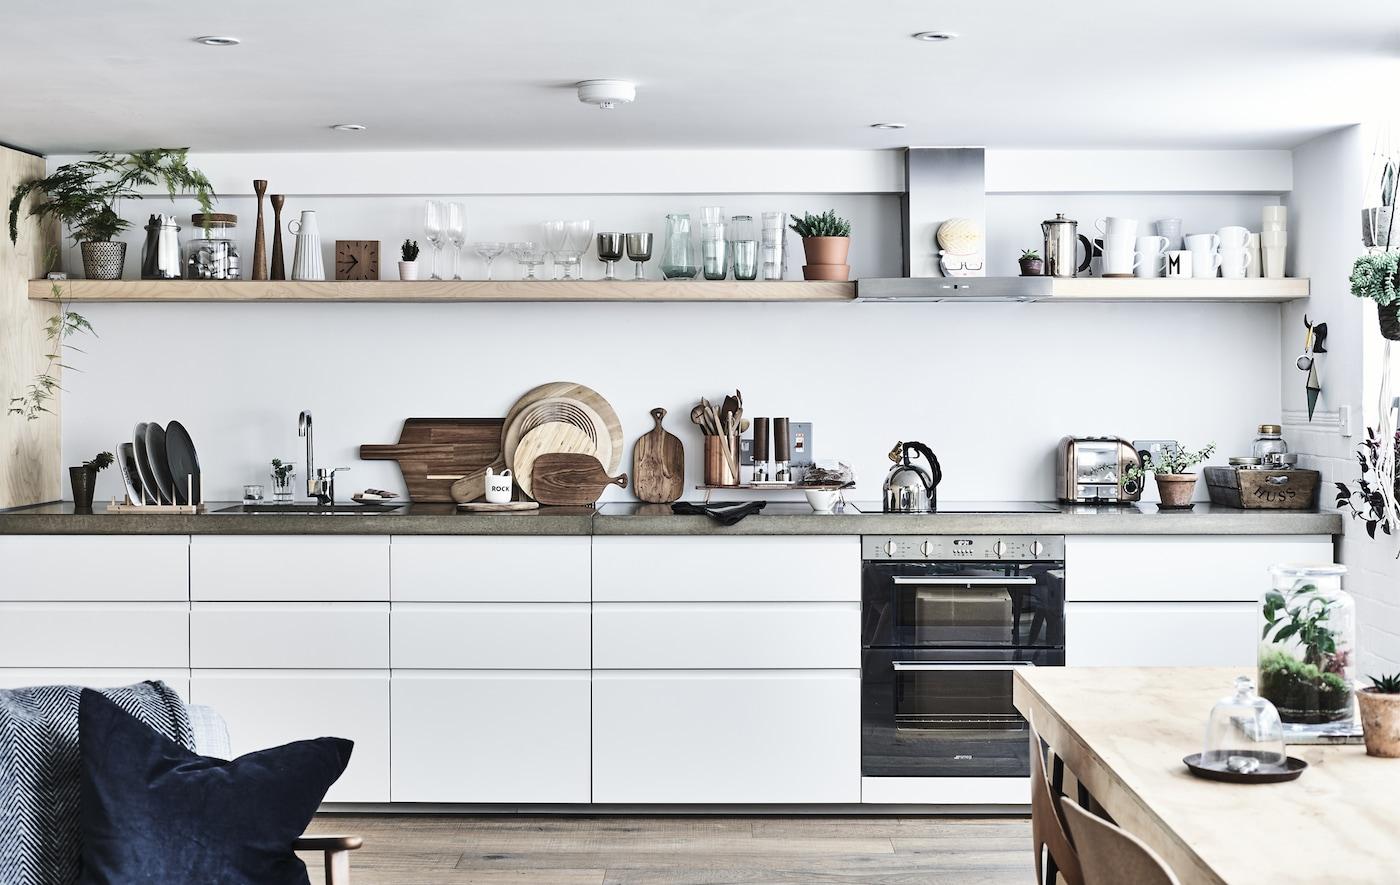 مطبخ أبيض مع أسطح عمل ورفوف إسمنتية.